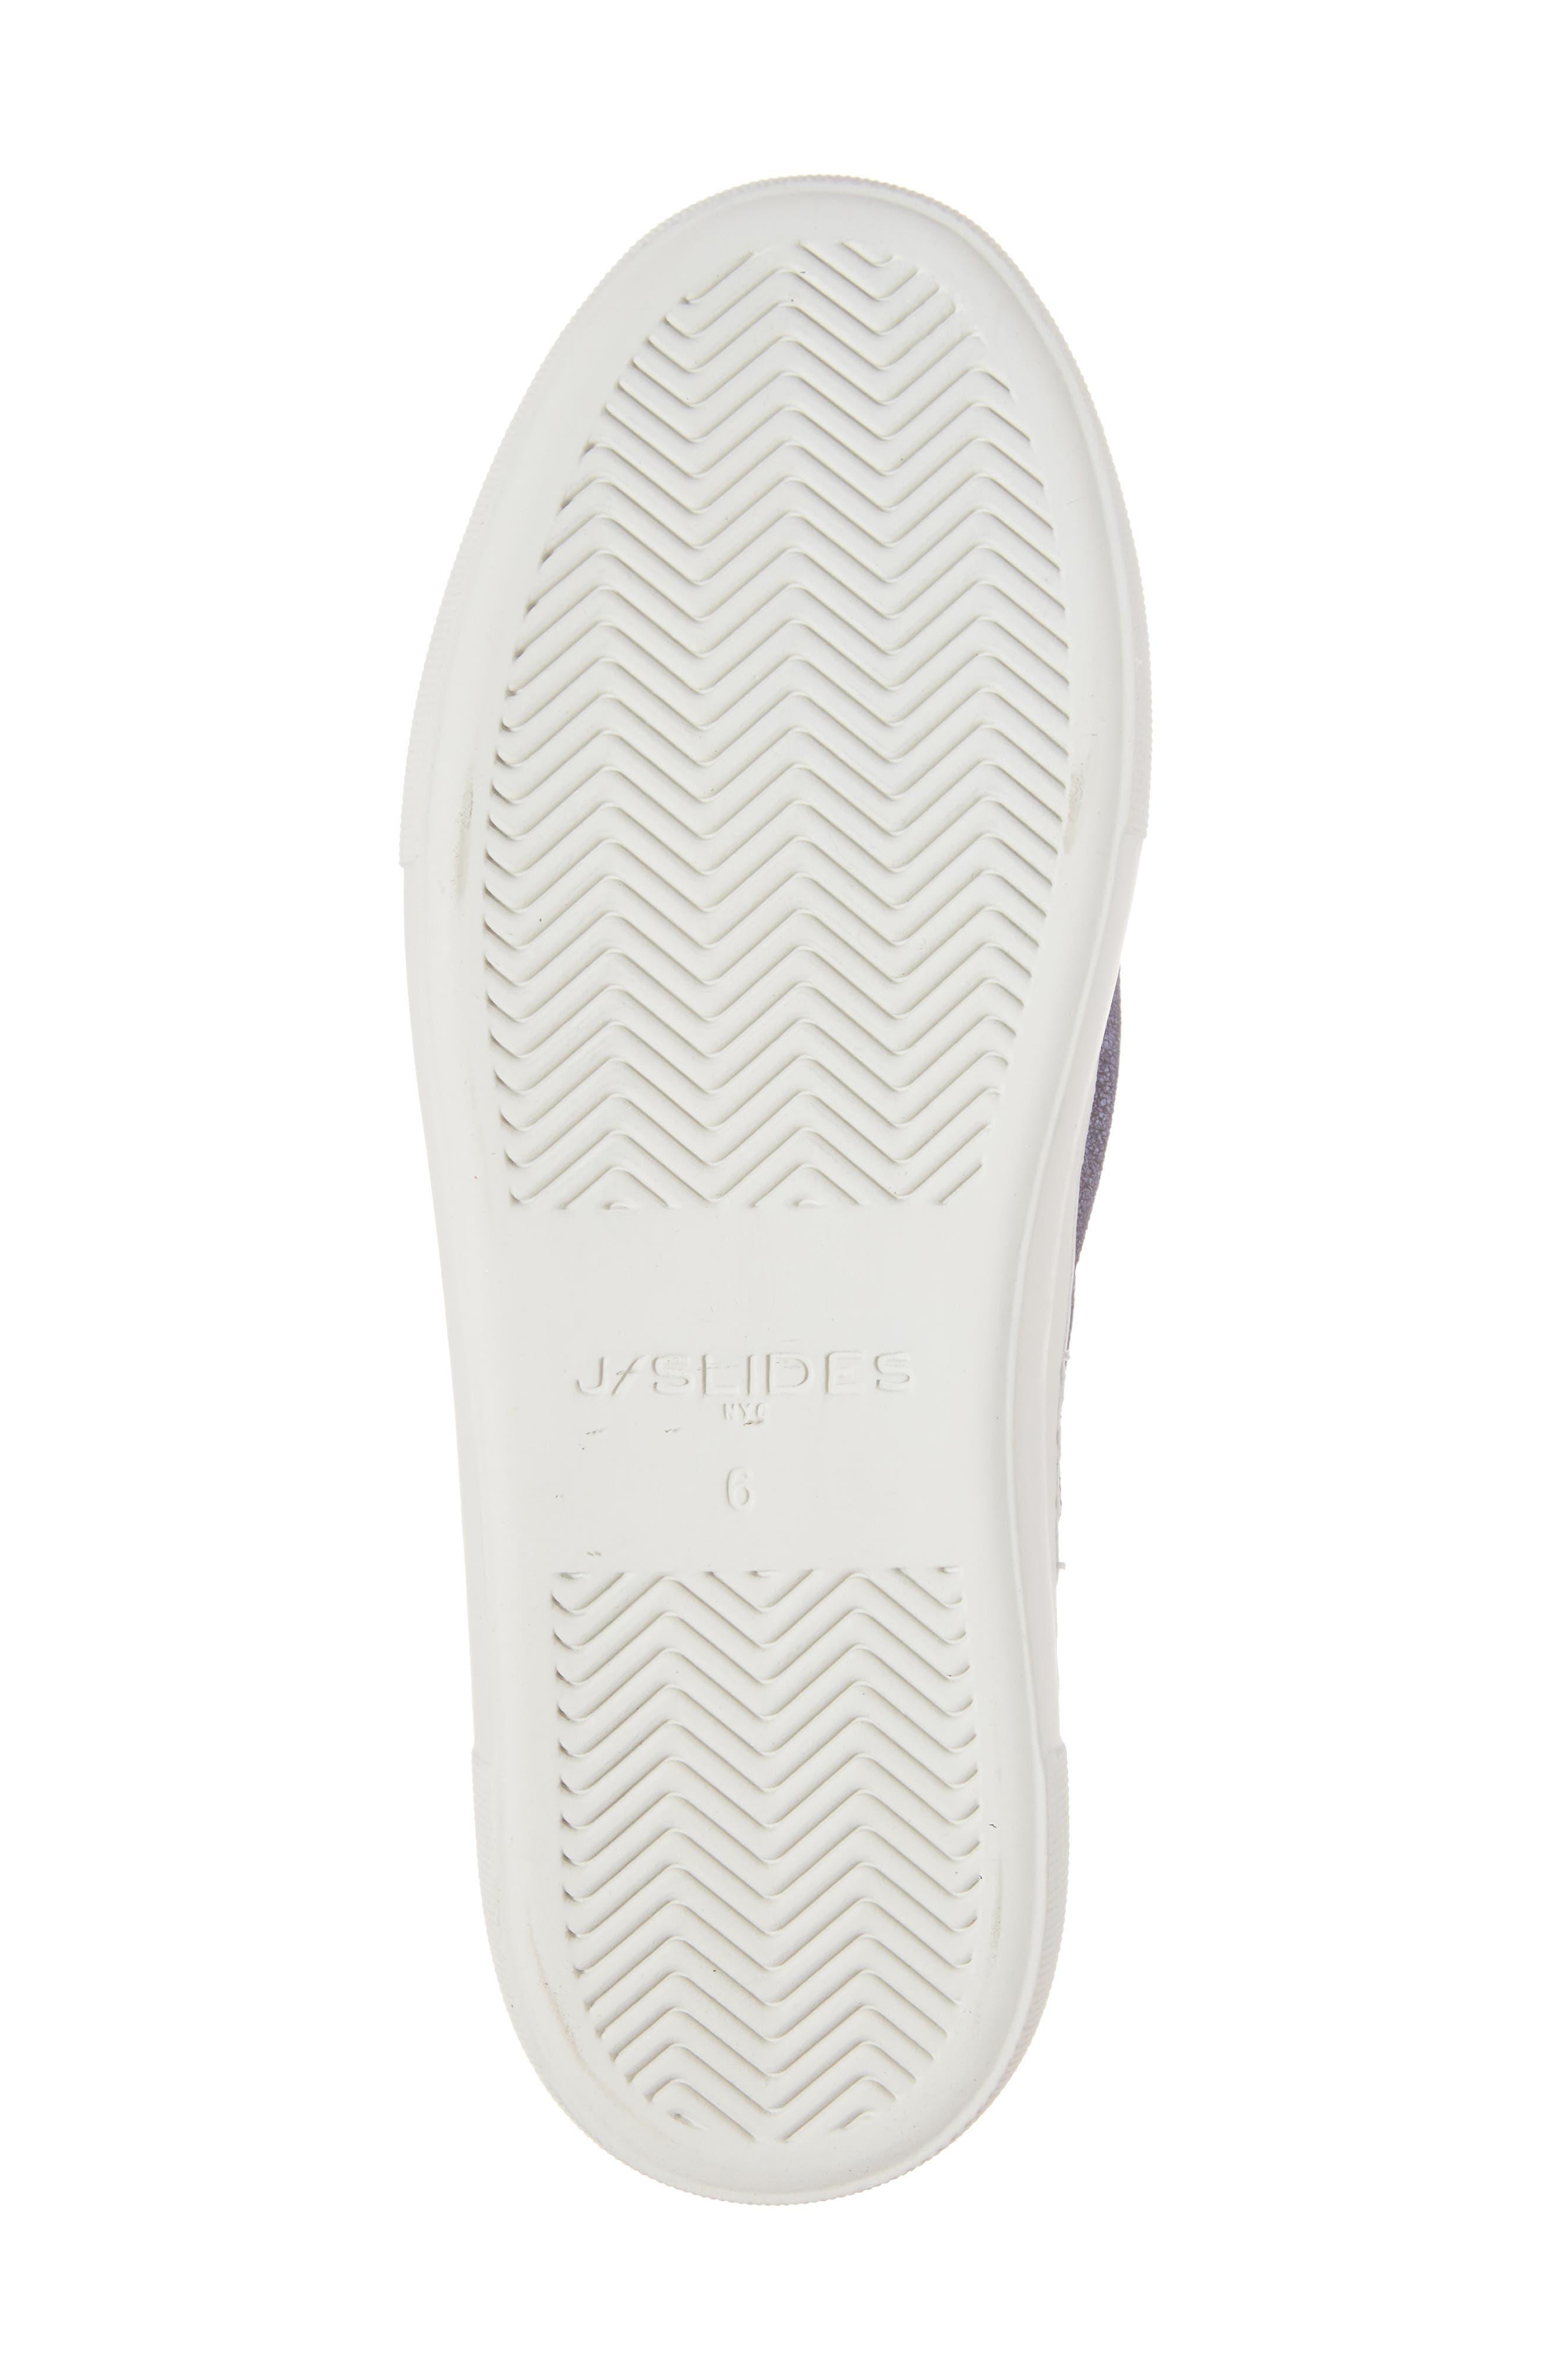 Audra Slip-On Sneaker,                             Alternate thumbnail 6, color,                             Navy Leather